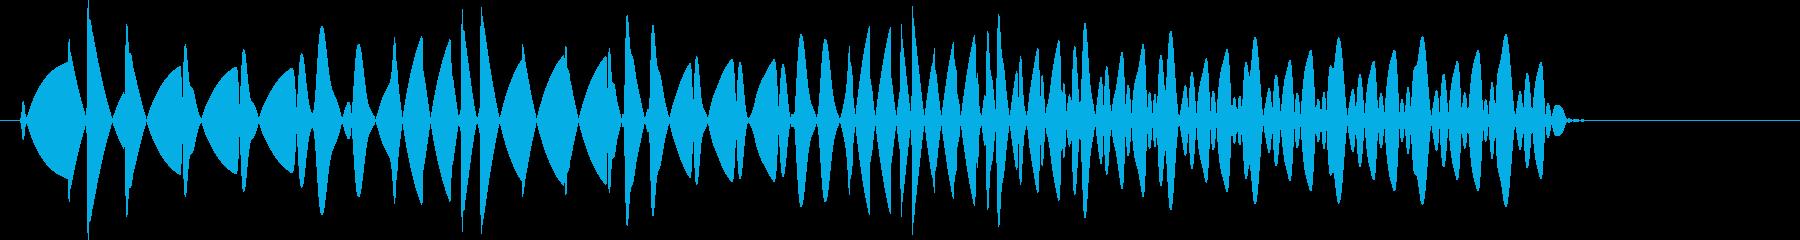 ビロロッ(プッシュ音・ボタン音)の再生済みの波形